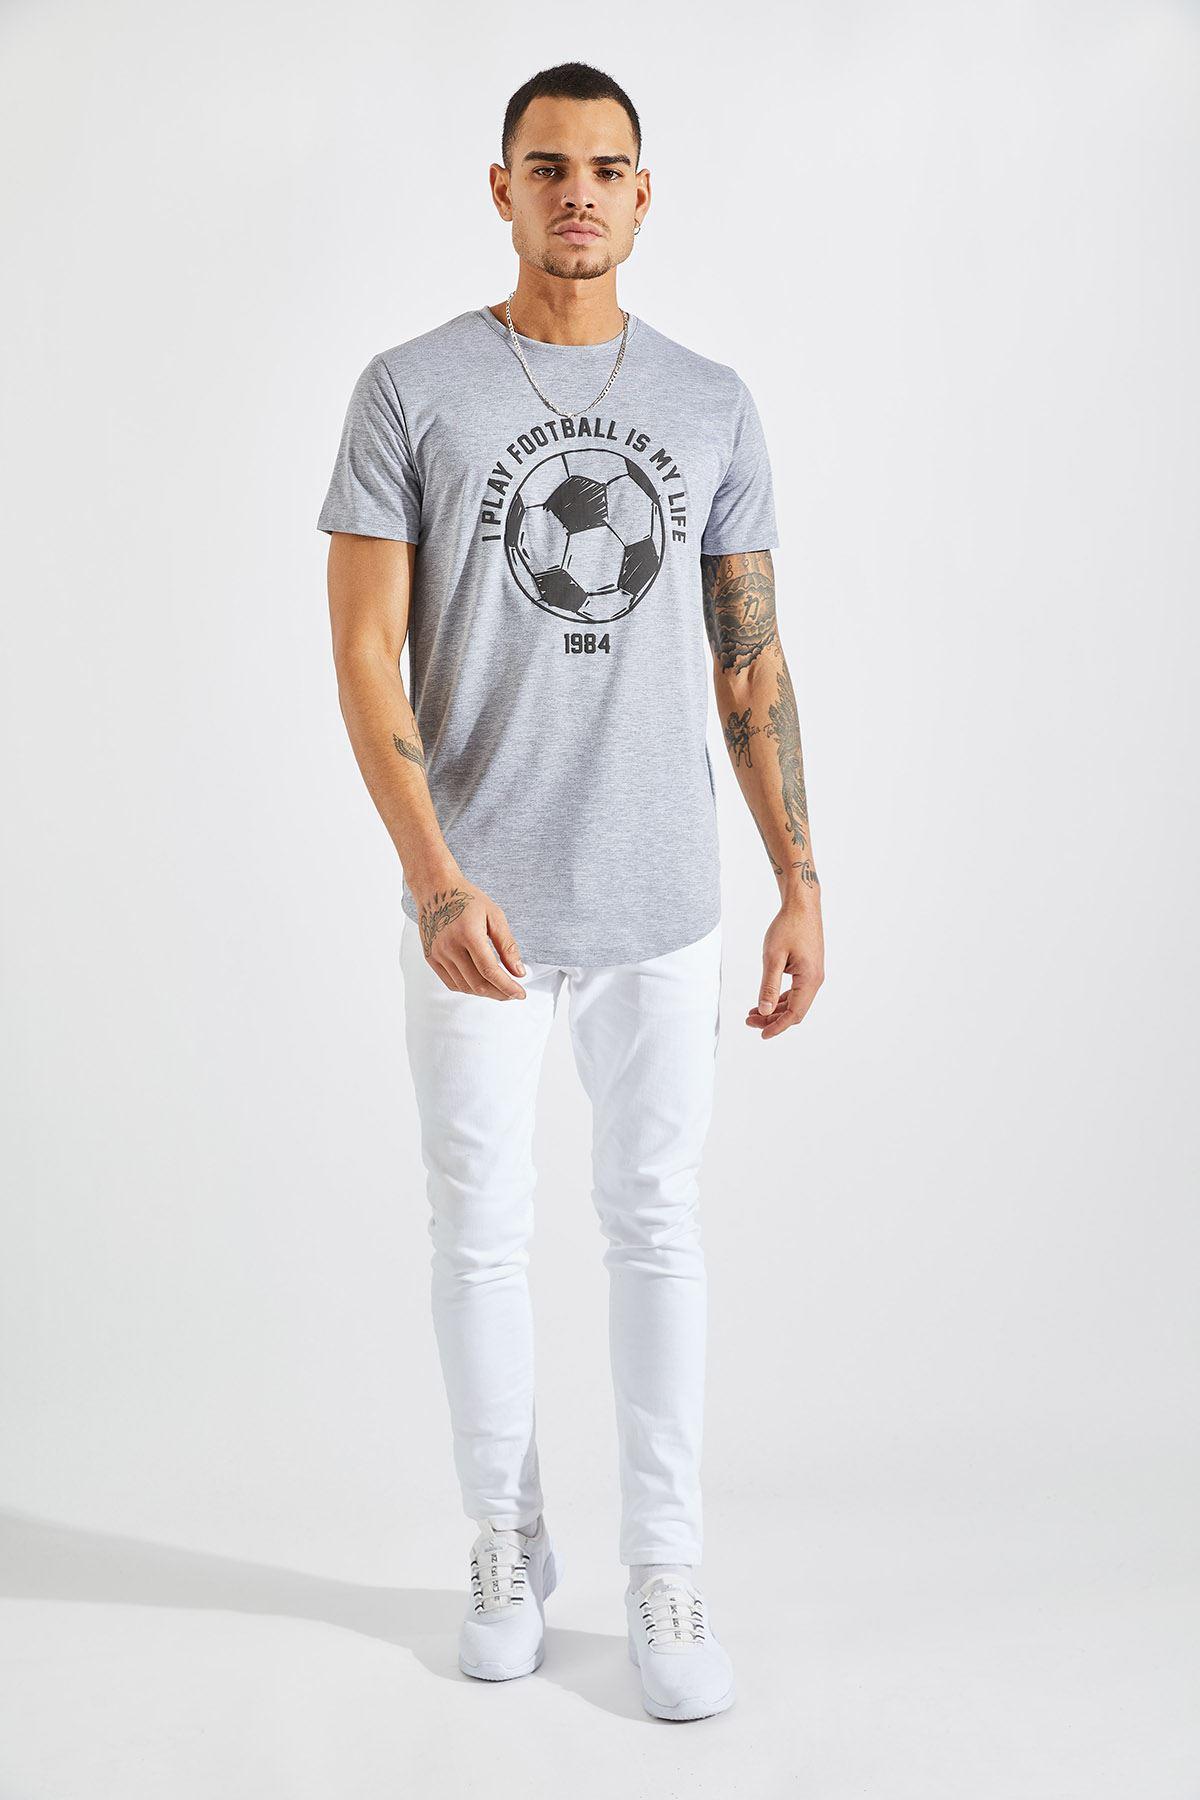 Erkek I Play Football Baskı Gri Tişört